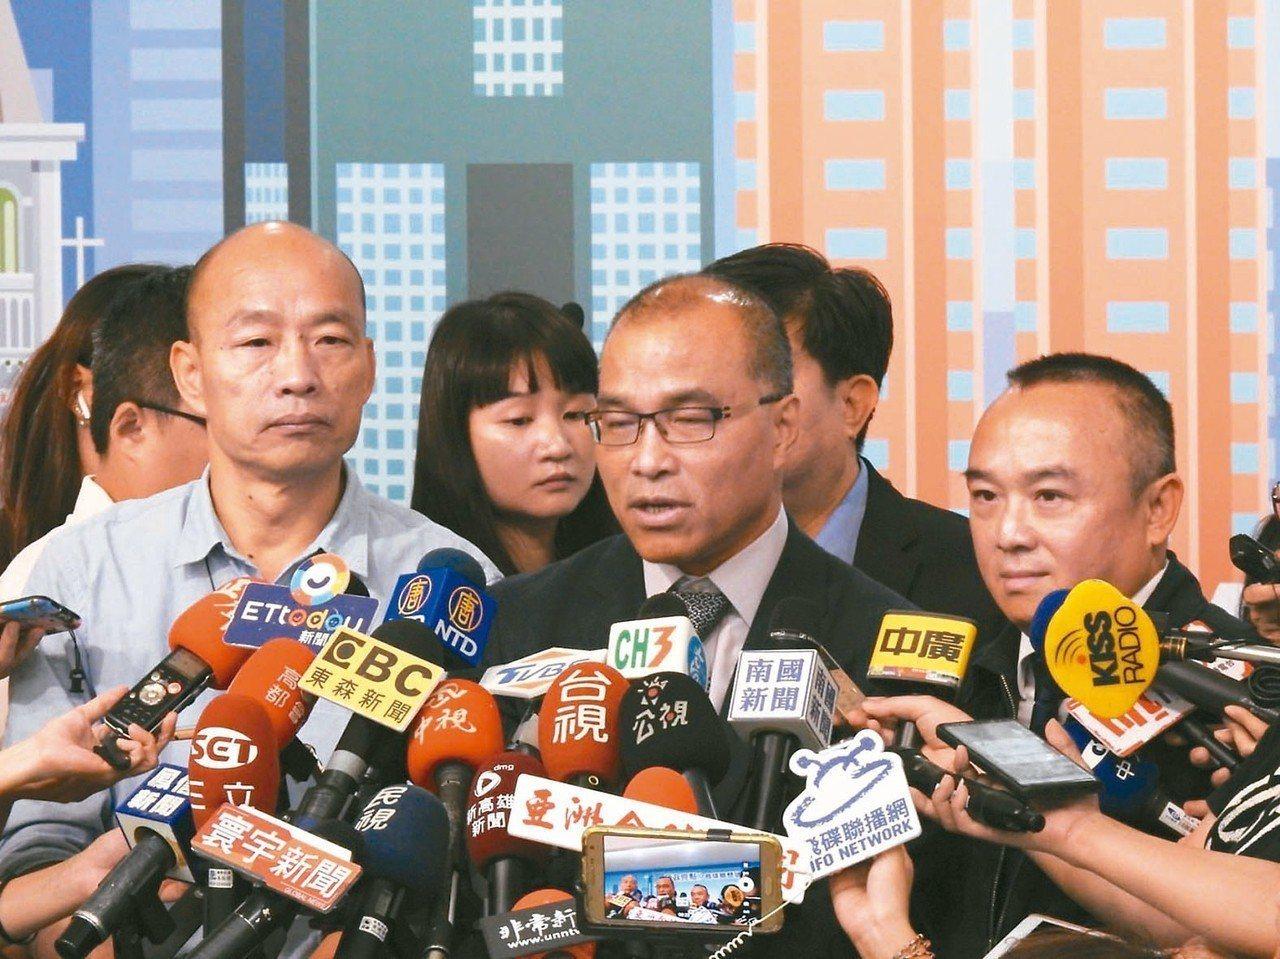 高市府觀光局長潘恒旭(右)惹來「幽靈小三通」爭議,市長韓國瑜(左)與副市長葉匡時...